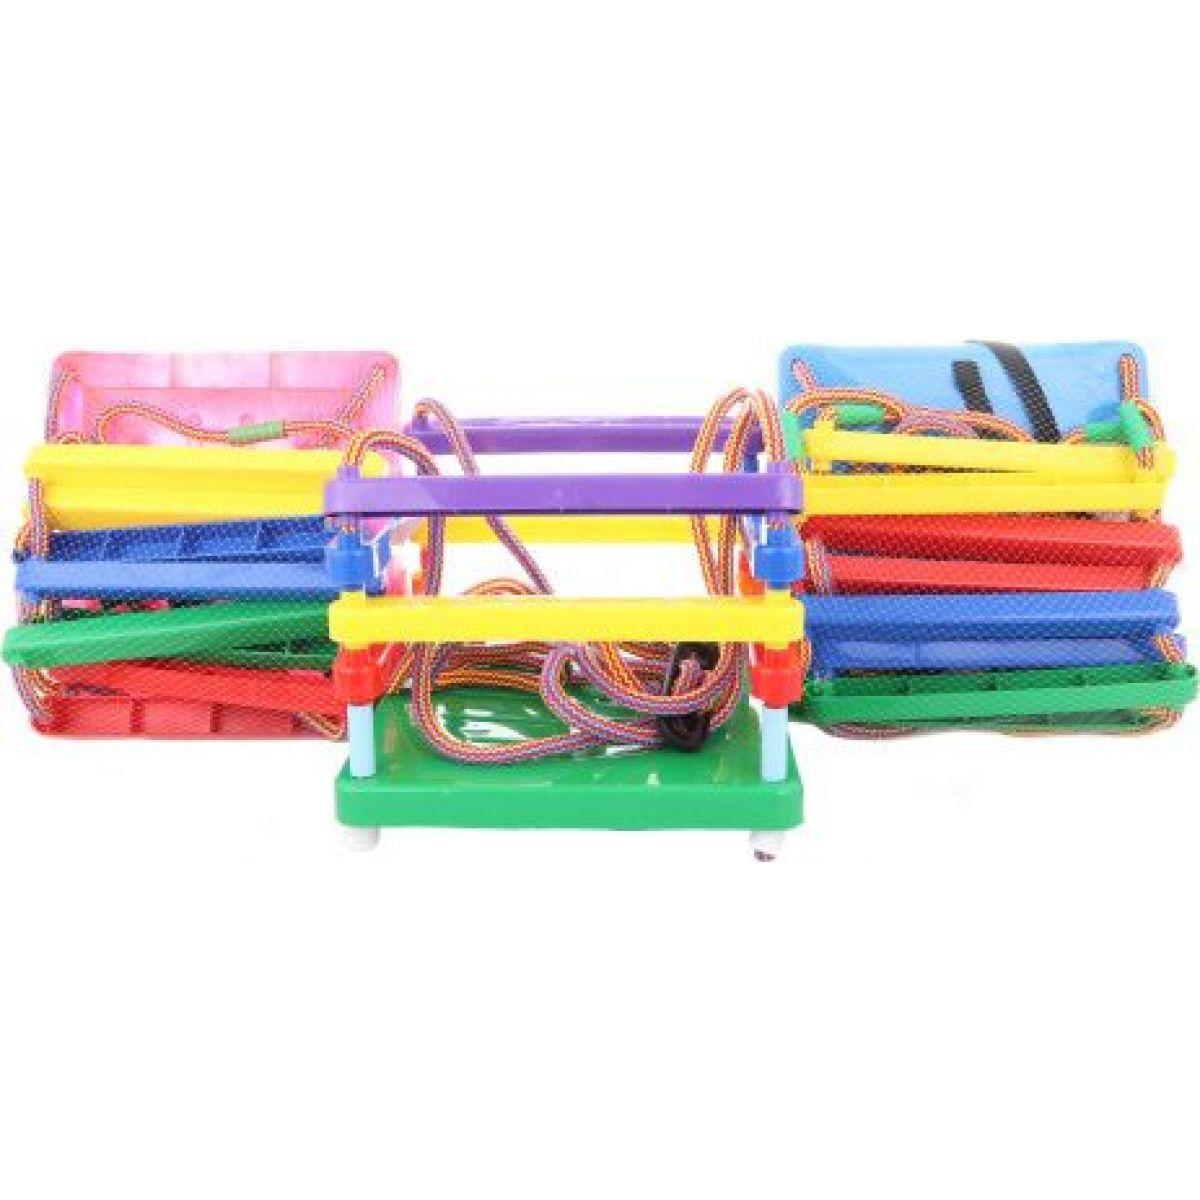 MikiFun Houpačka dětská plastová na zahradu - modrý sedák